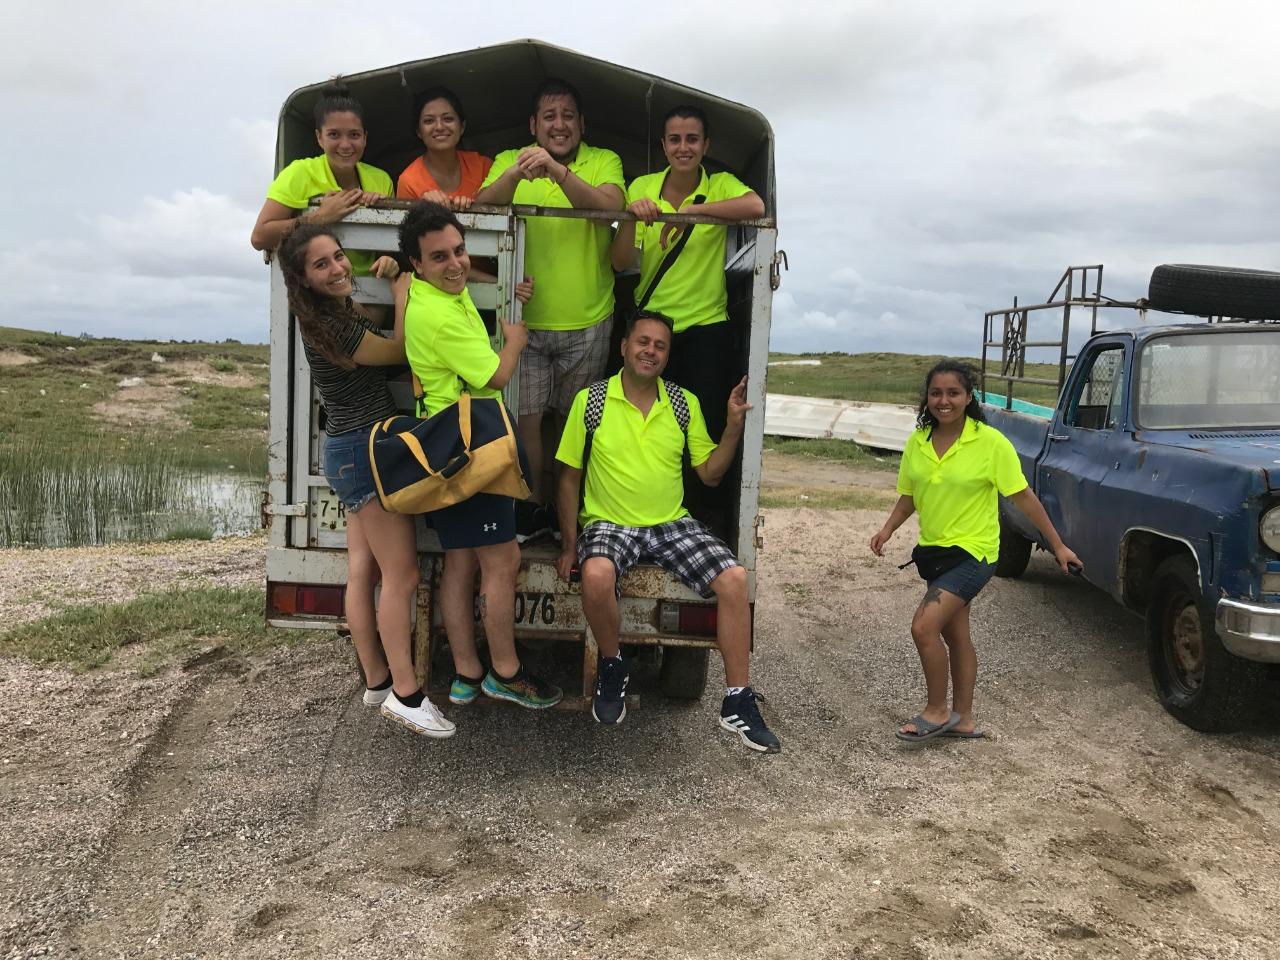 voluntariado-santa-maría5.jpeg